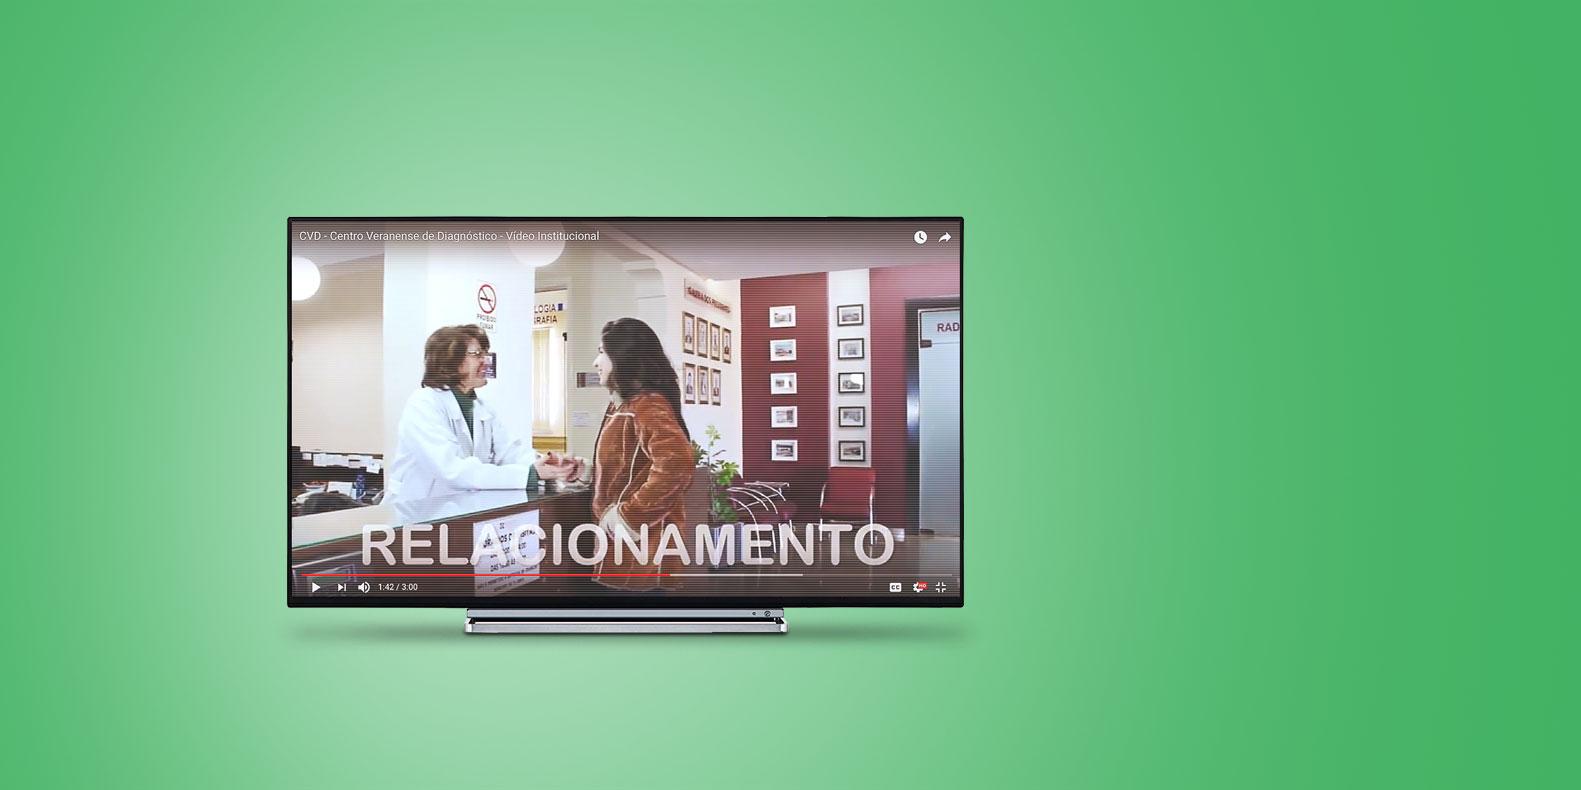 Vídeo institucional produzido pela equipe multimídia da Seiva Criativa para o CVD - Centro Veranense de Diagnósticos